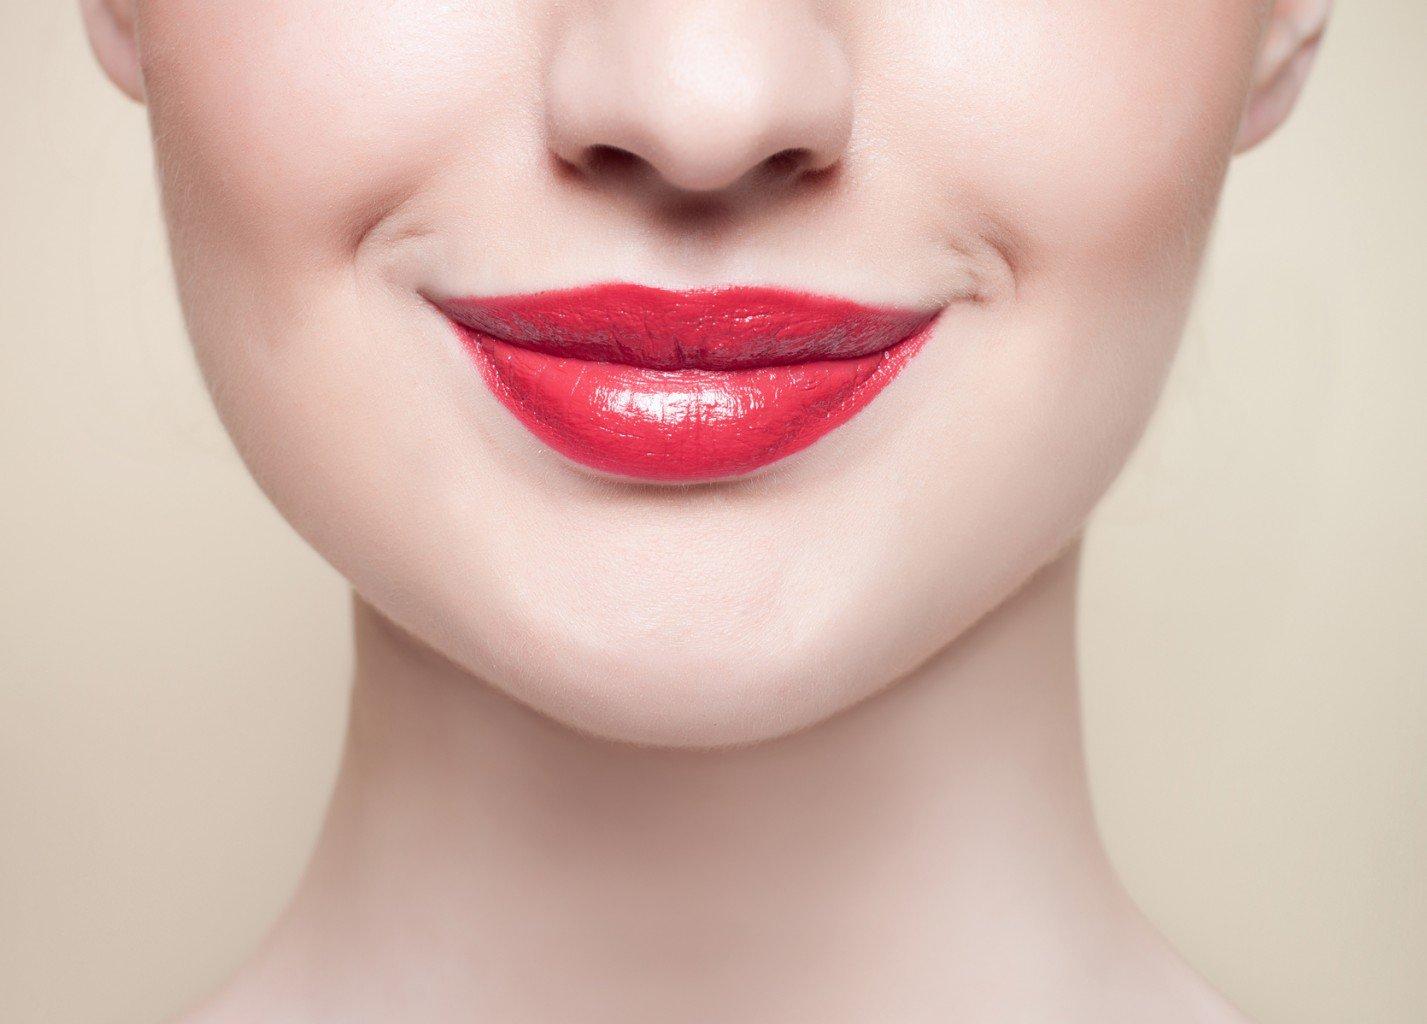 фокусного картинки лицо с губами получать